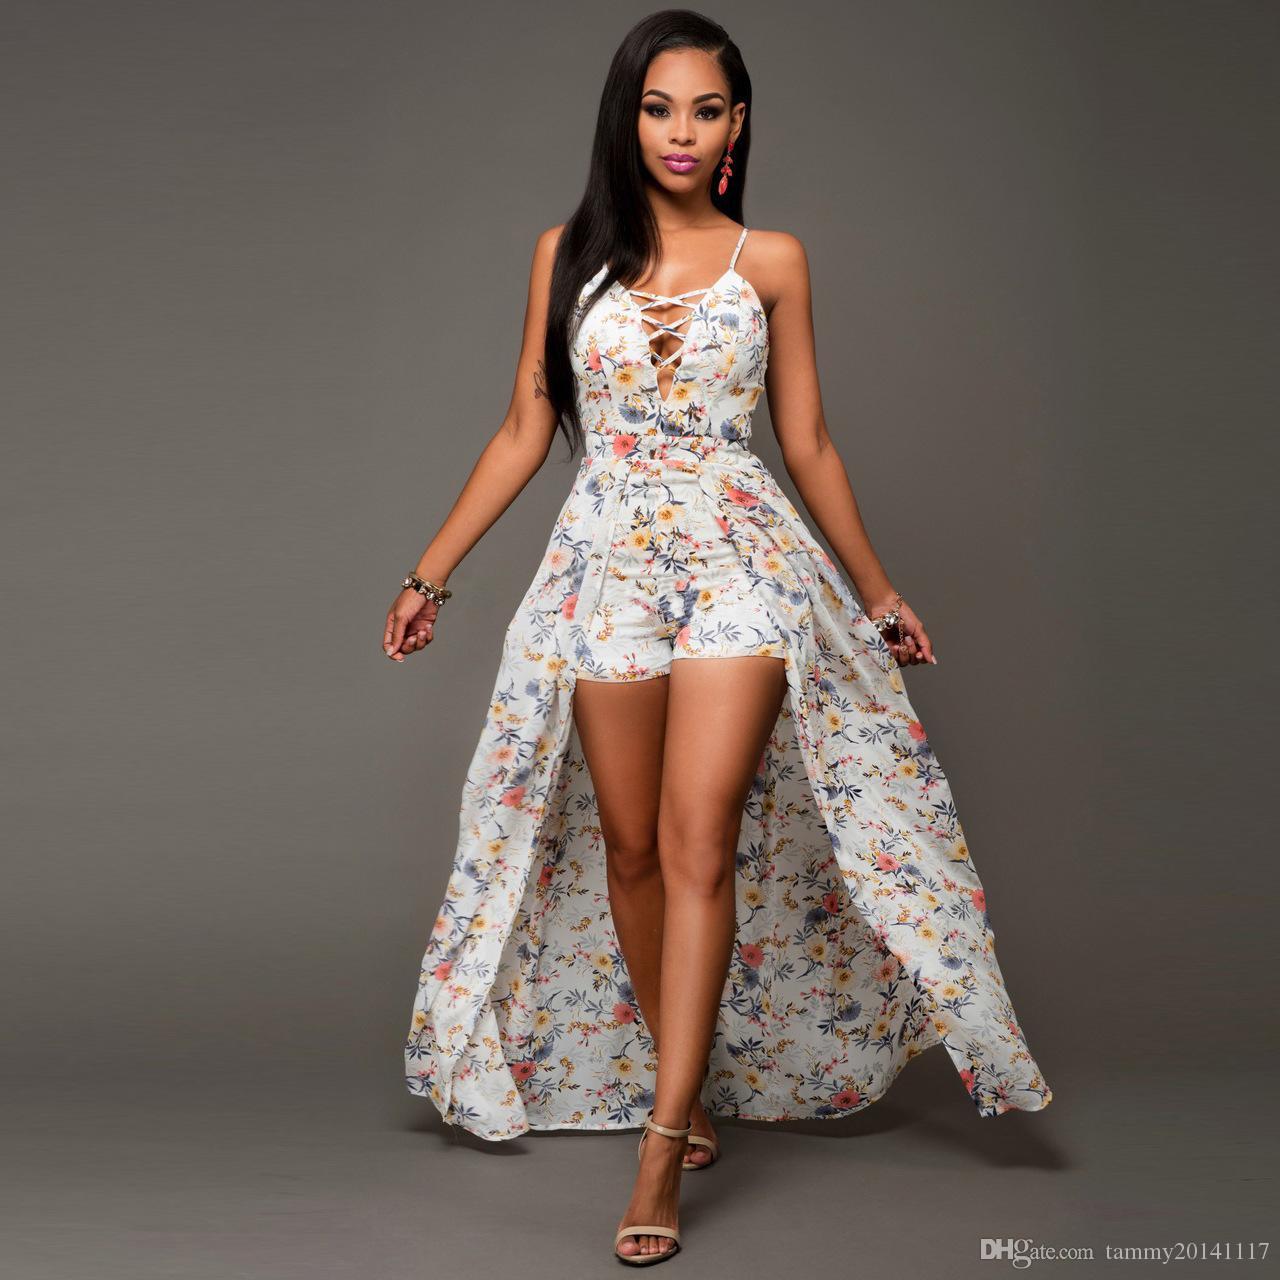 Maxi dress romper